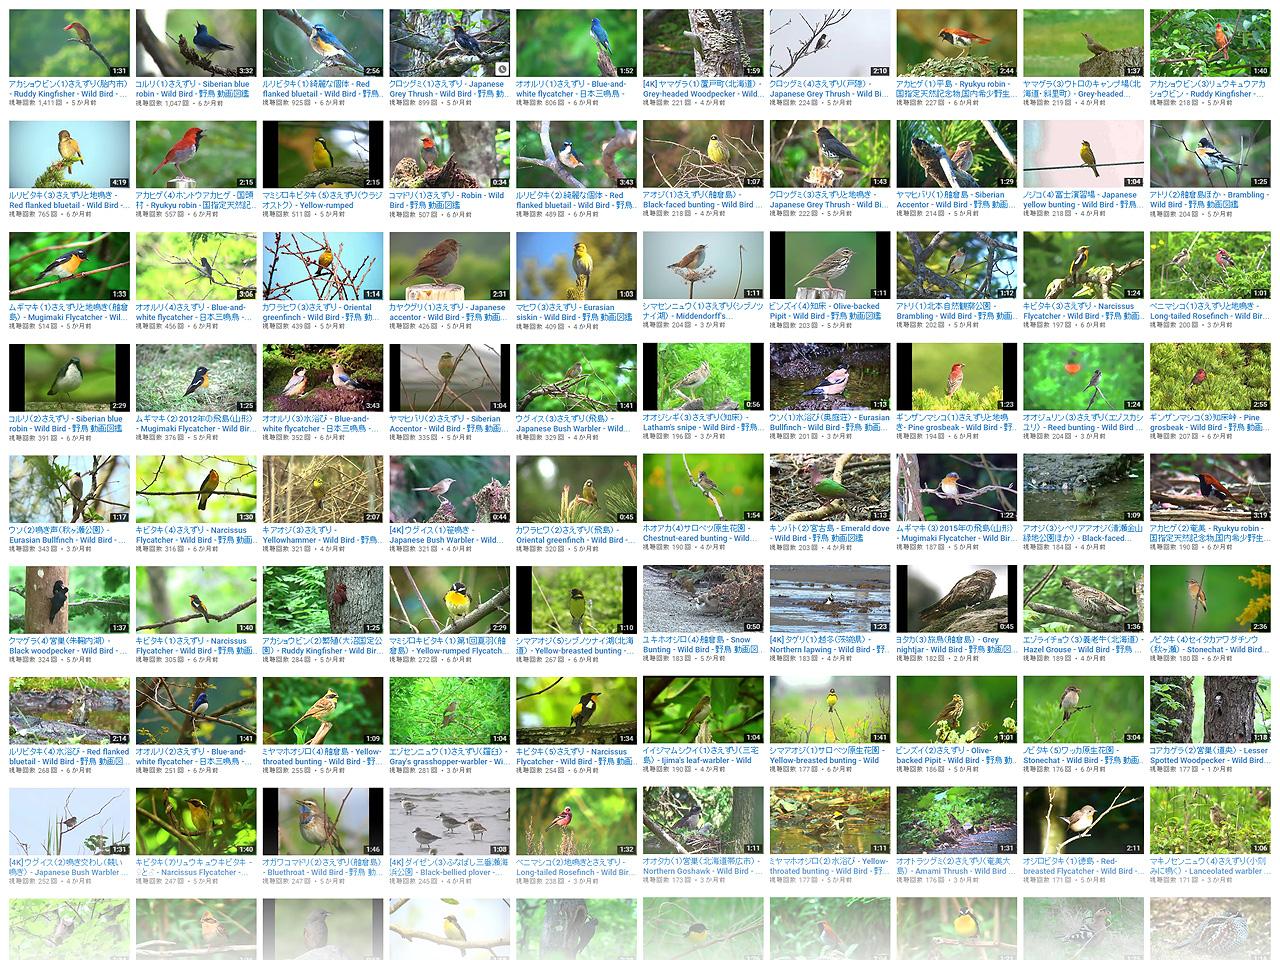 『野鳥動画図鑑』YouTubeチャンネル動画一覧から作成